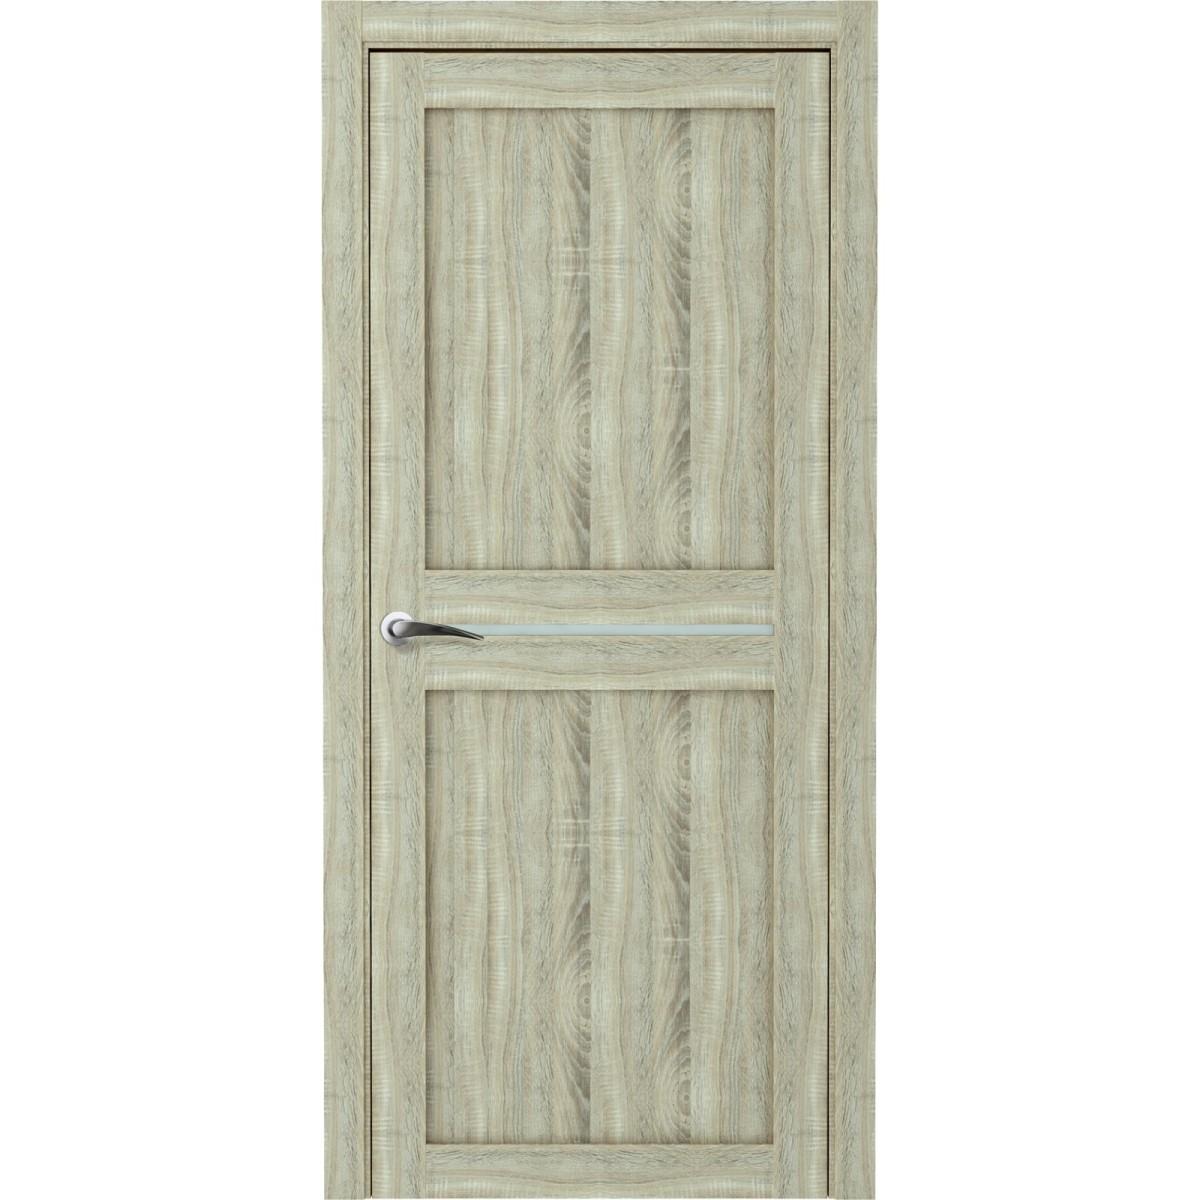 Дверь Межкомнатная Глухая Вита 80x200 Ламинация Дуб Натуральный С Фурнитурой